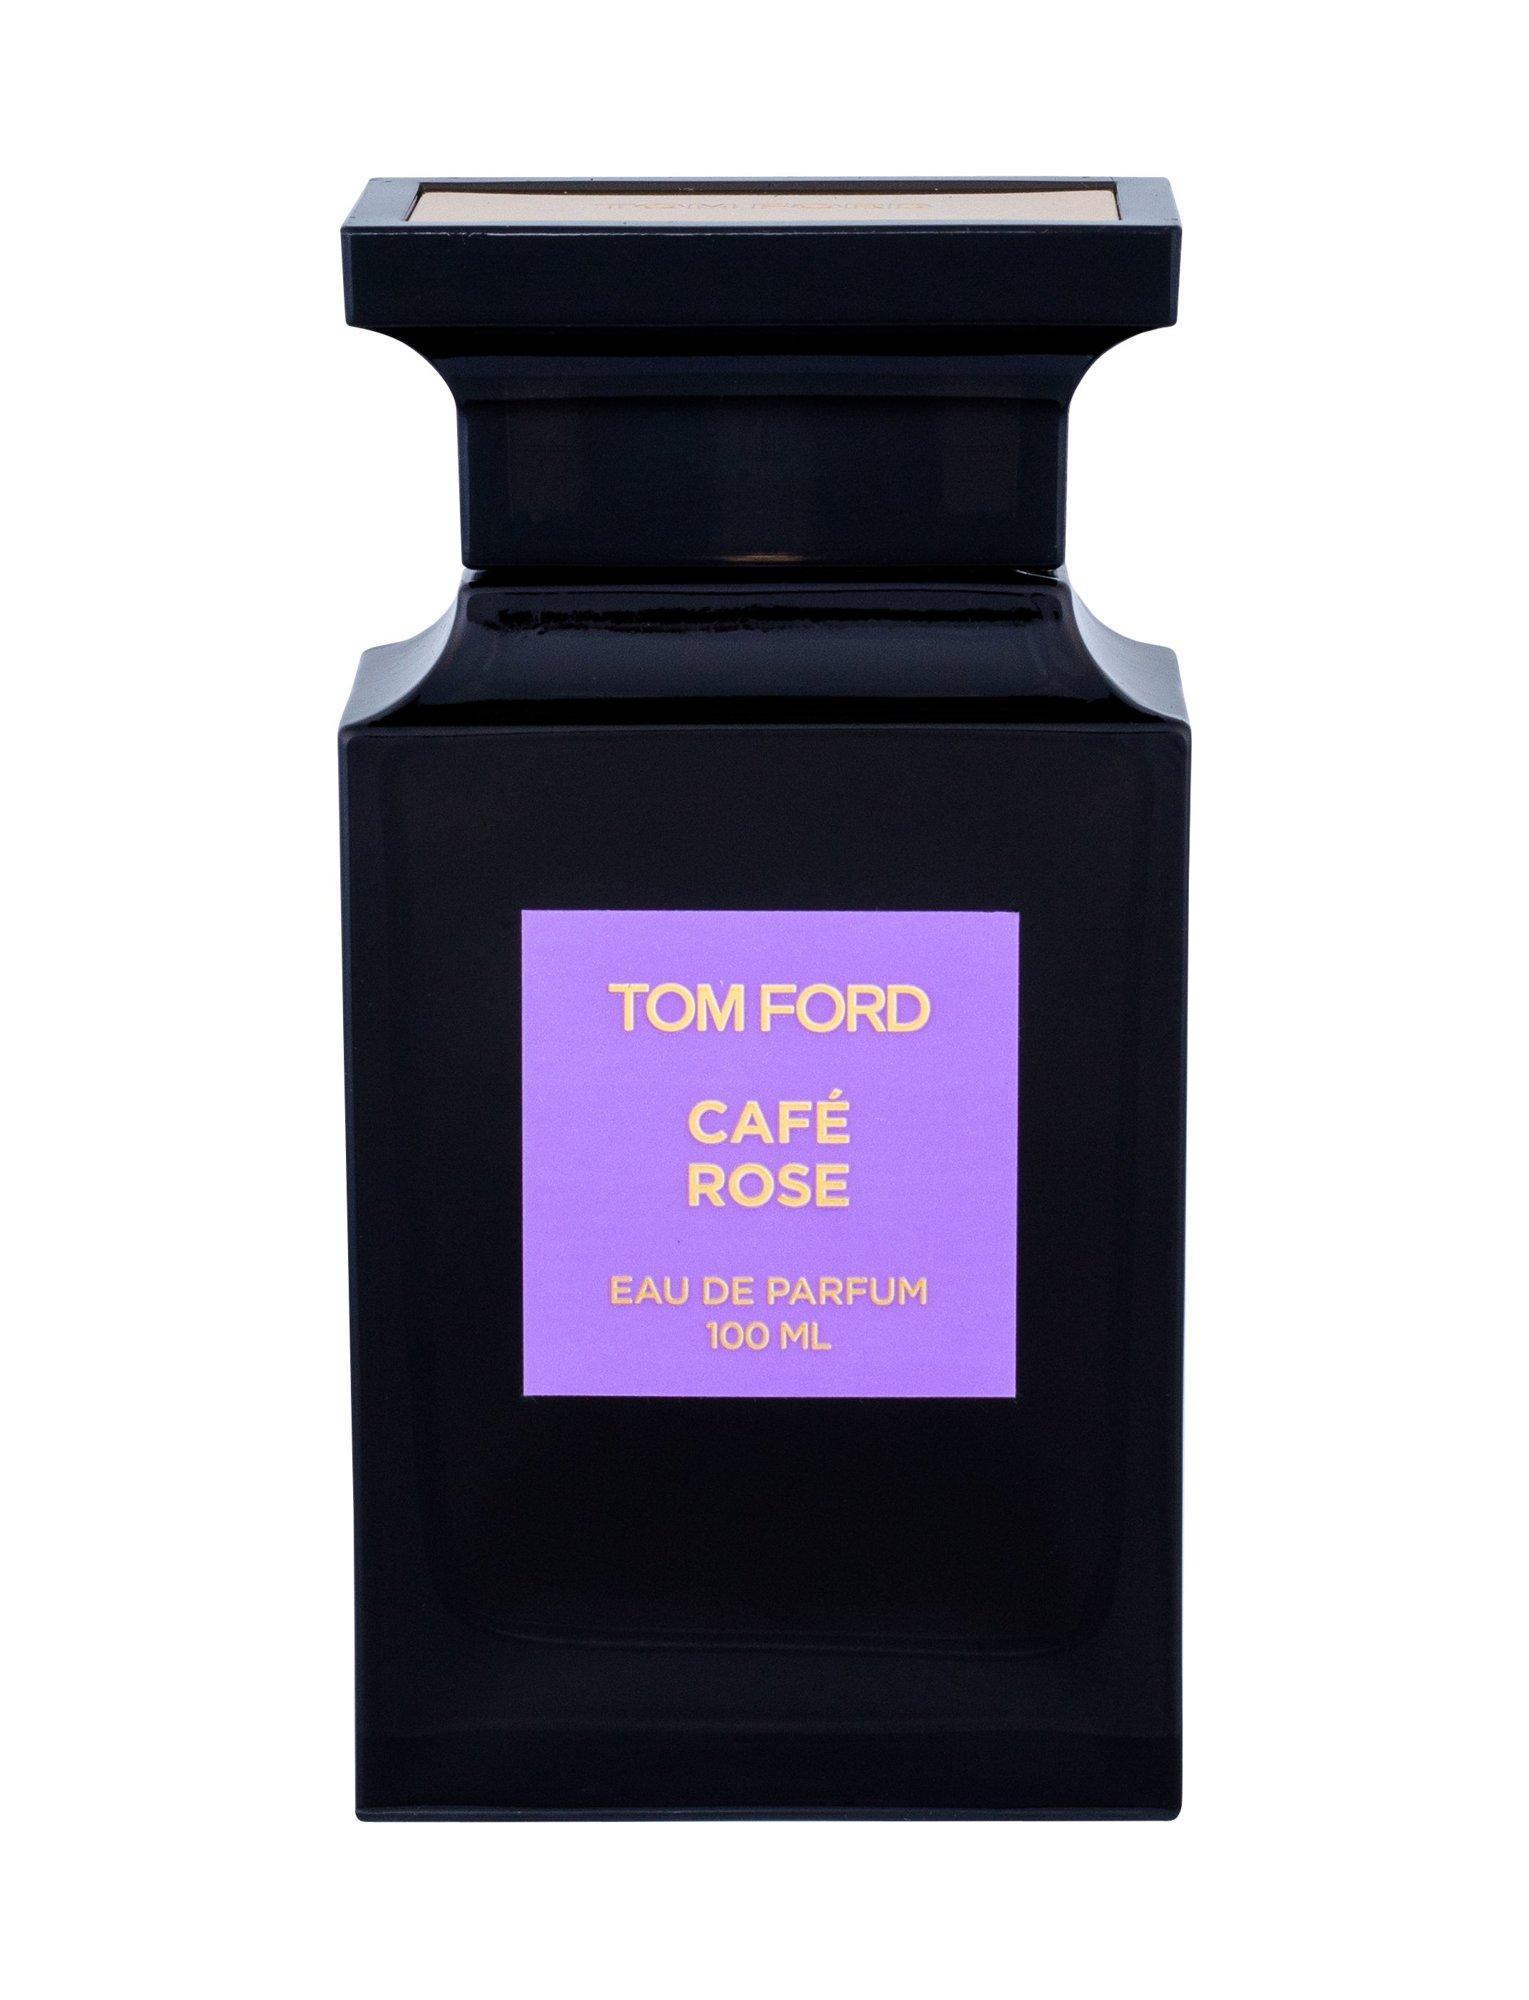 TOM FORD Café Rose, Parfumovaná voda 100ml